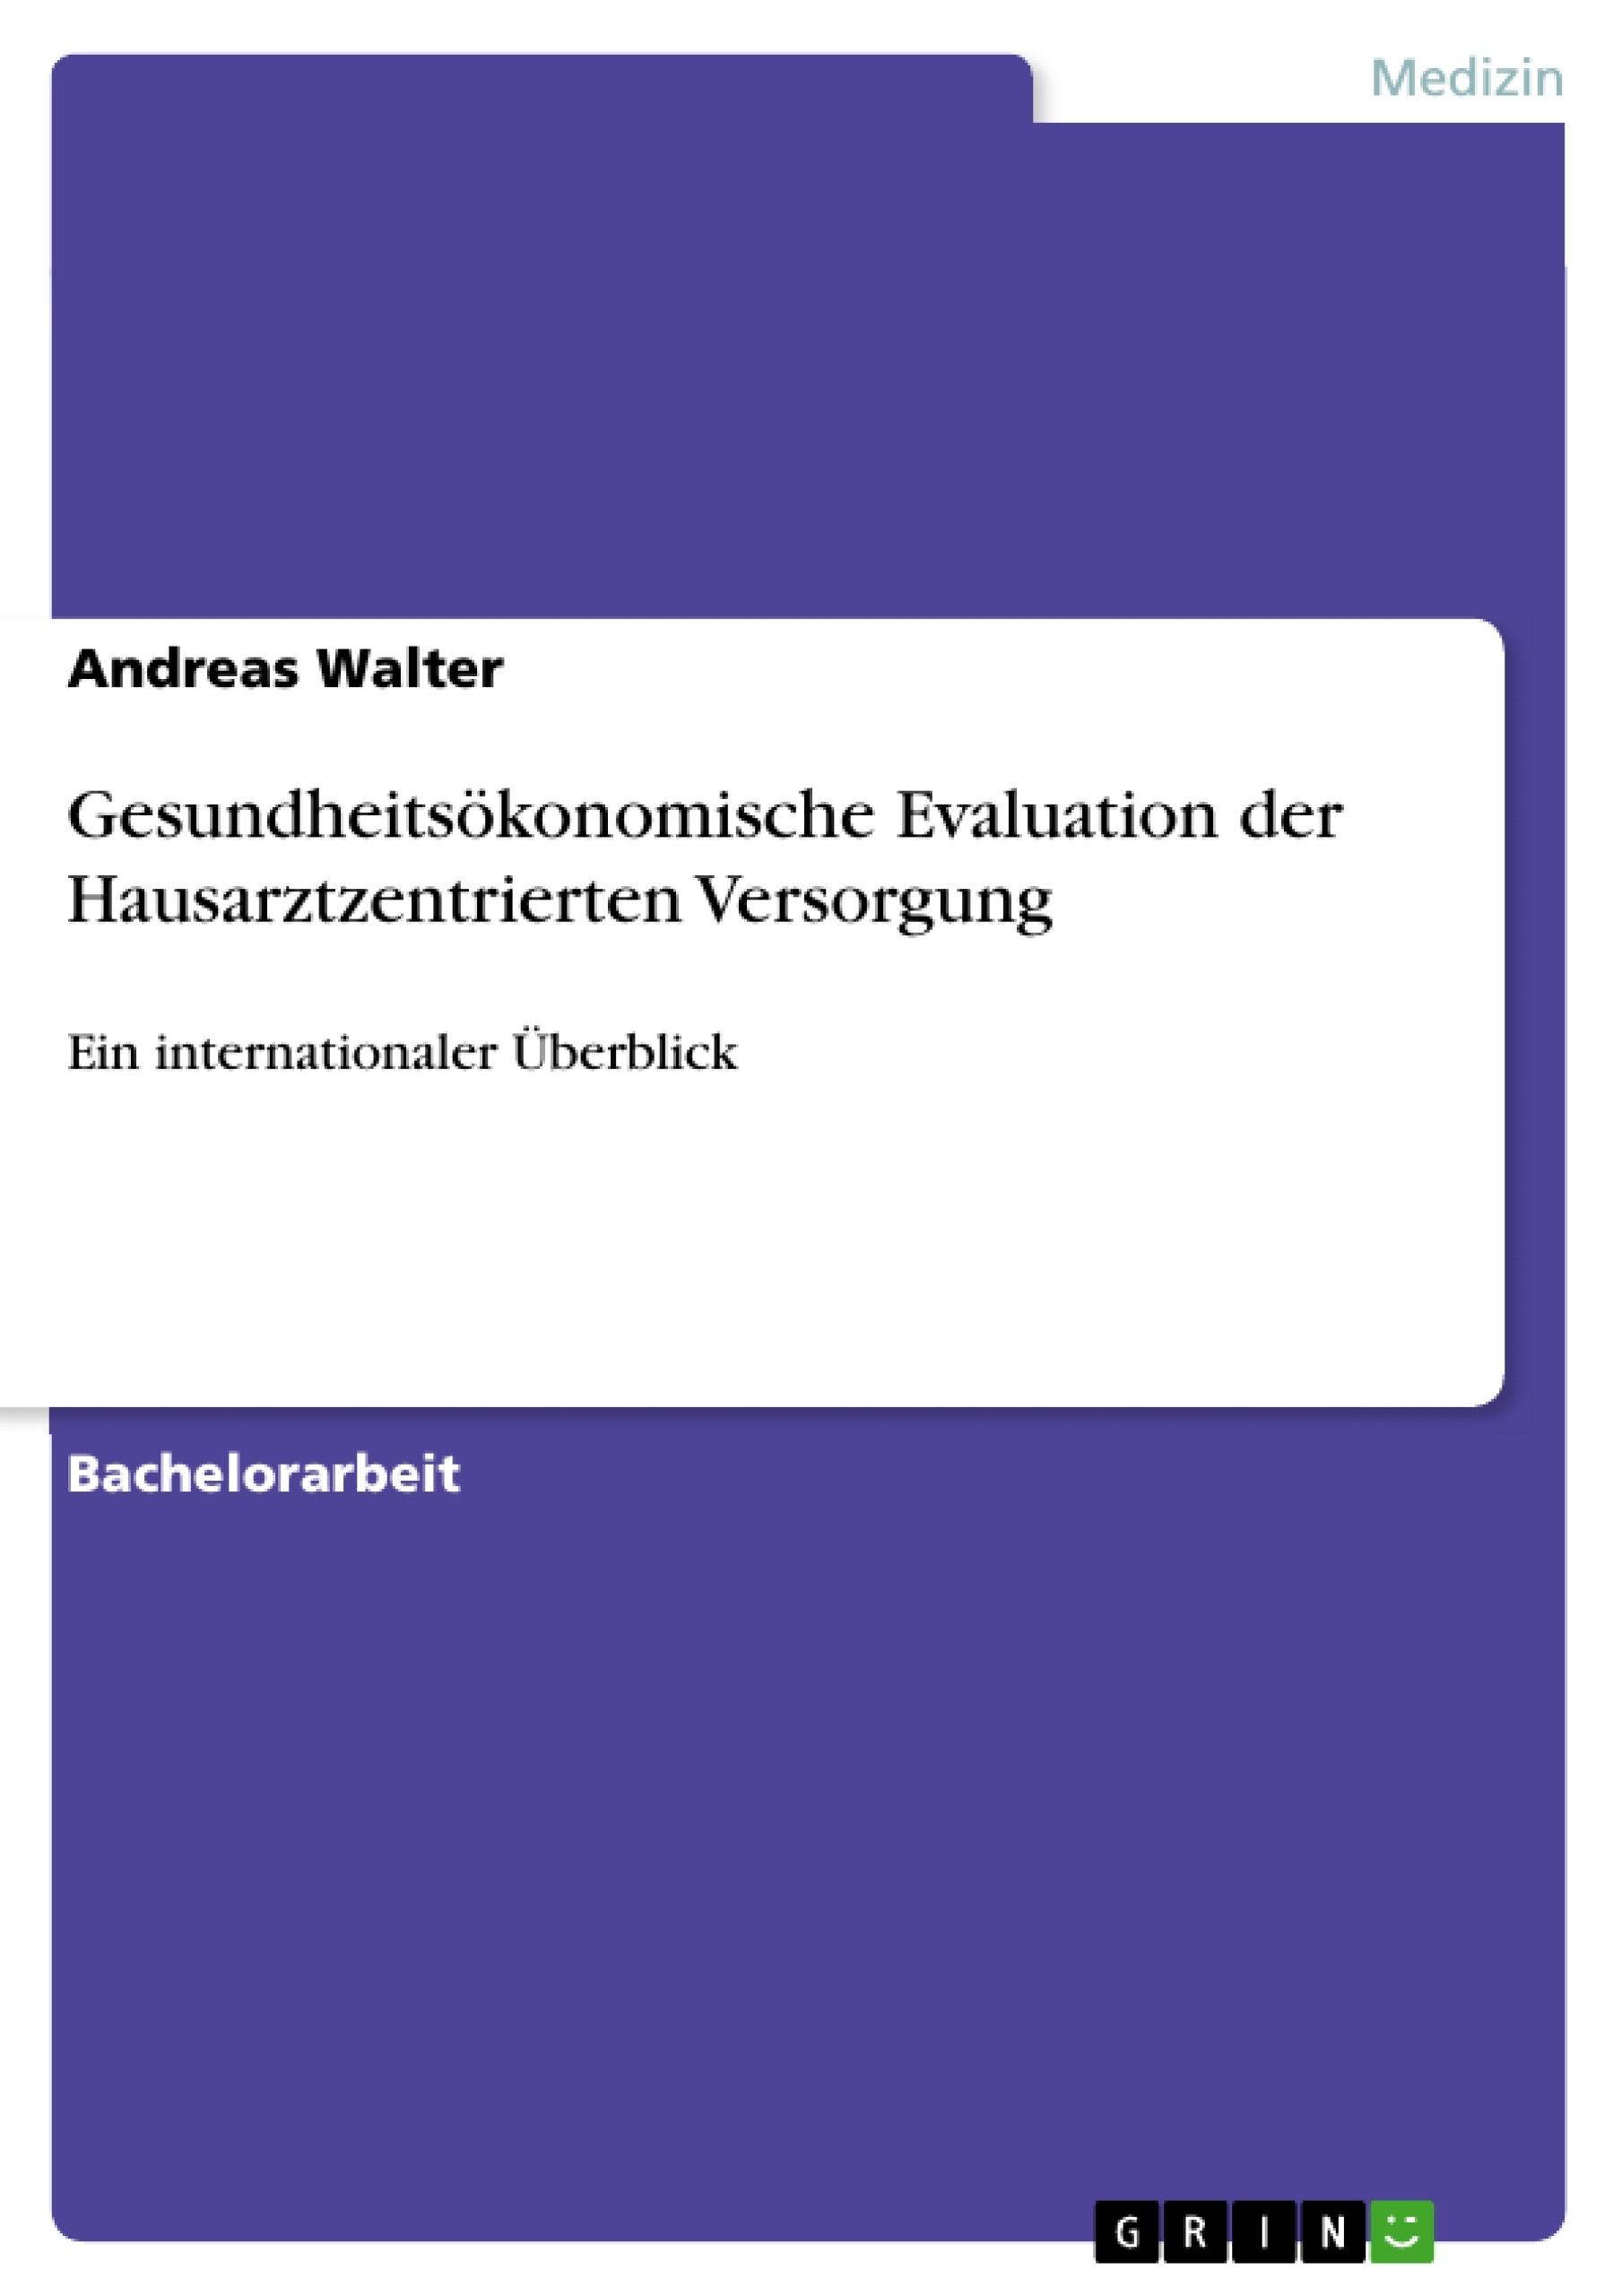 Titel: Gesundheitsökonomische Evaluation der Hausarztzentrierten Versorgung